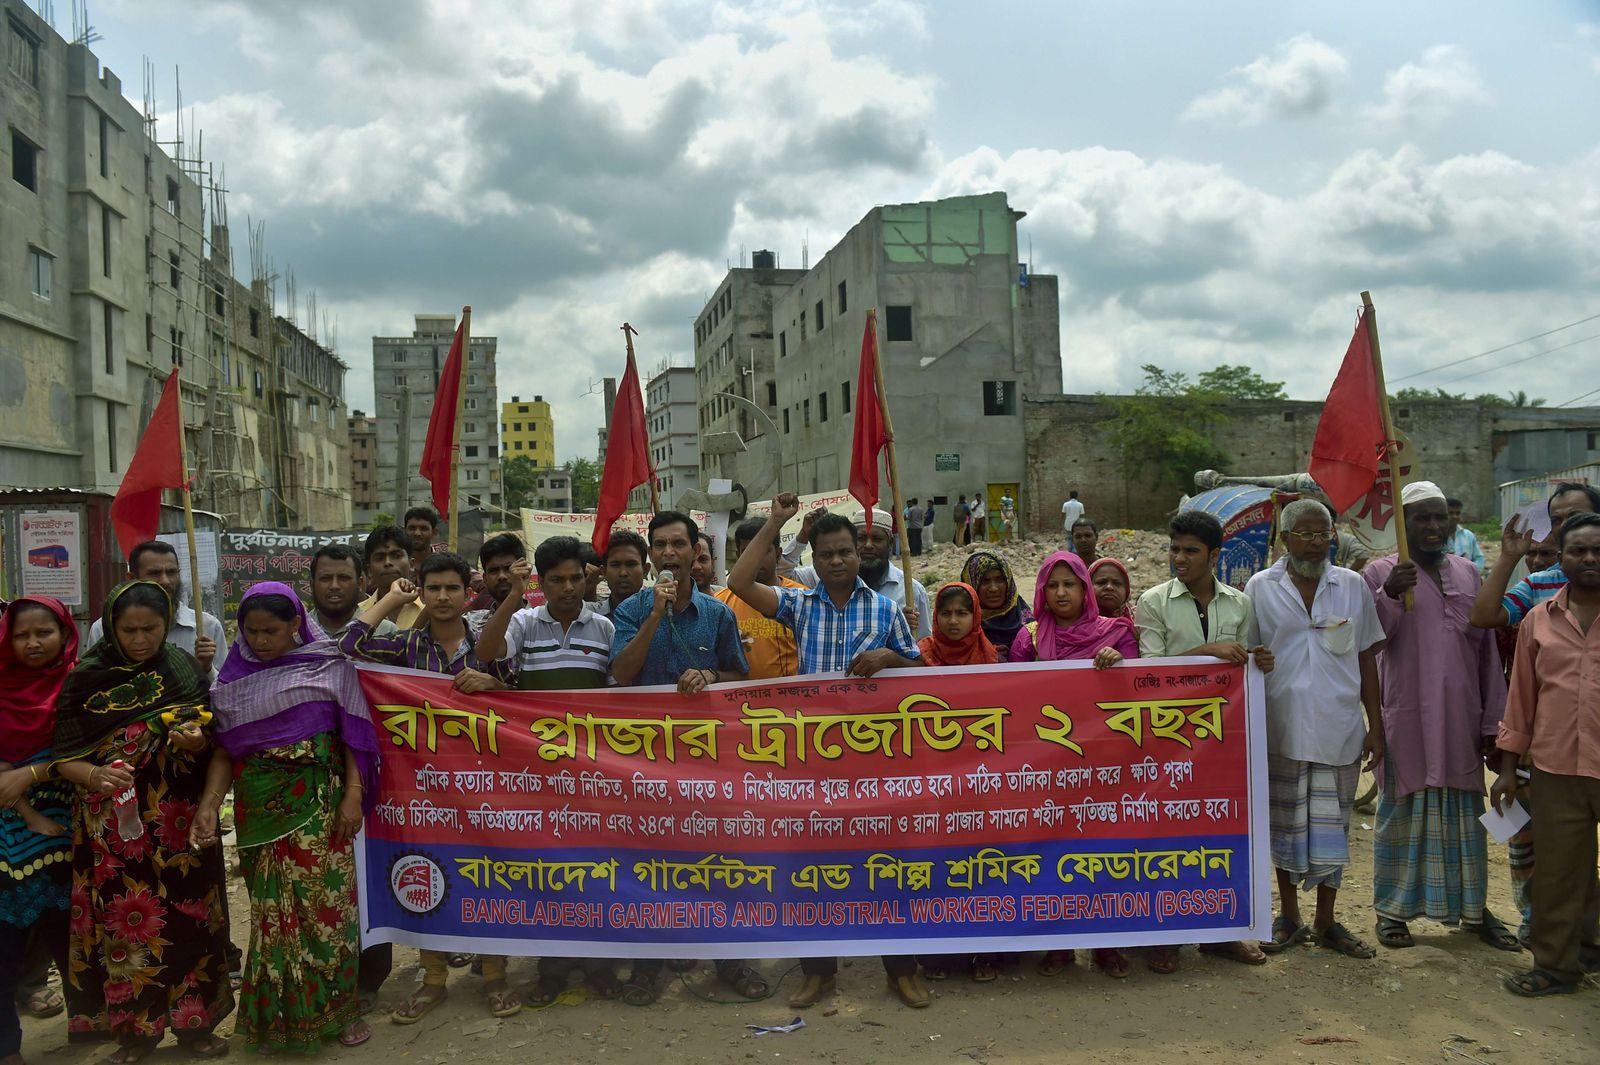 BANGLADESH-DISASTER-TEXTILE-MISSING